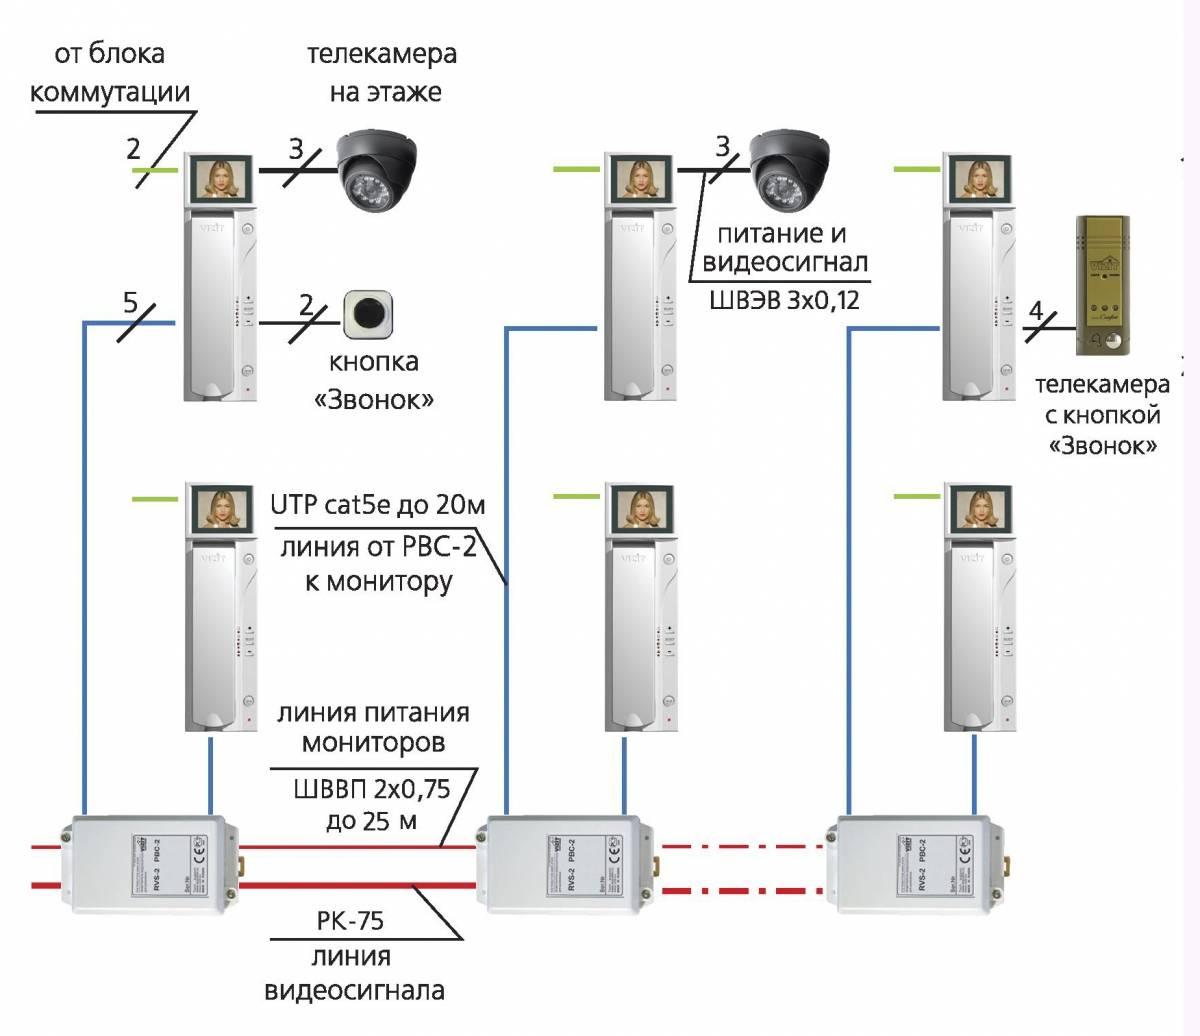 Кабель для видеодомофона: utp, коаксиальный рк-75, квк-в(п)-2, заключение